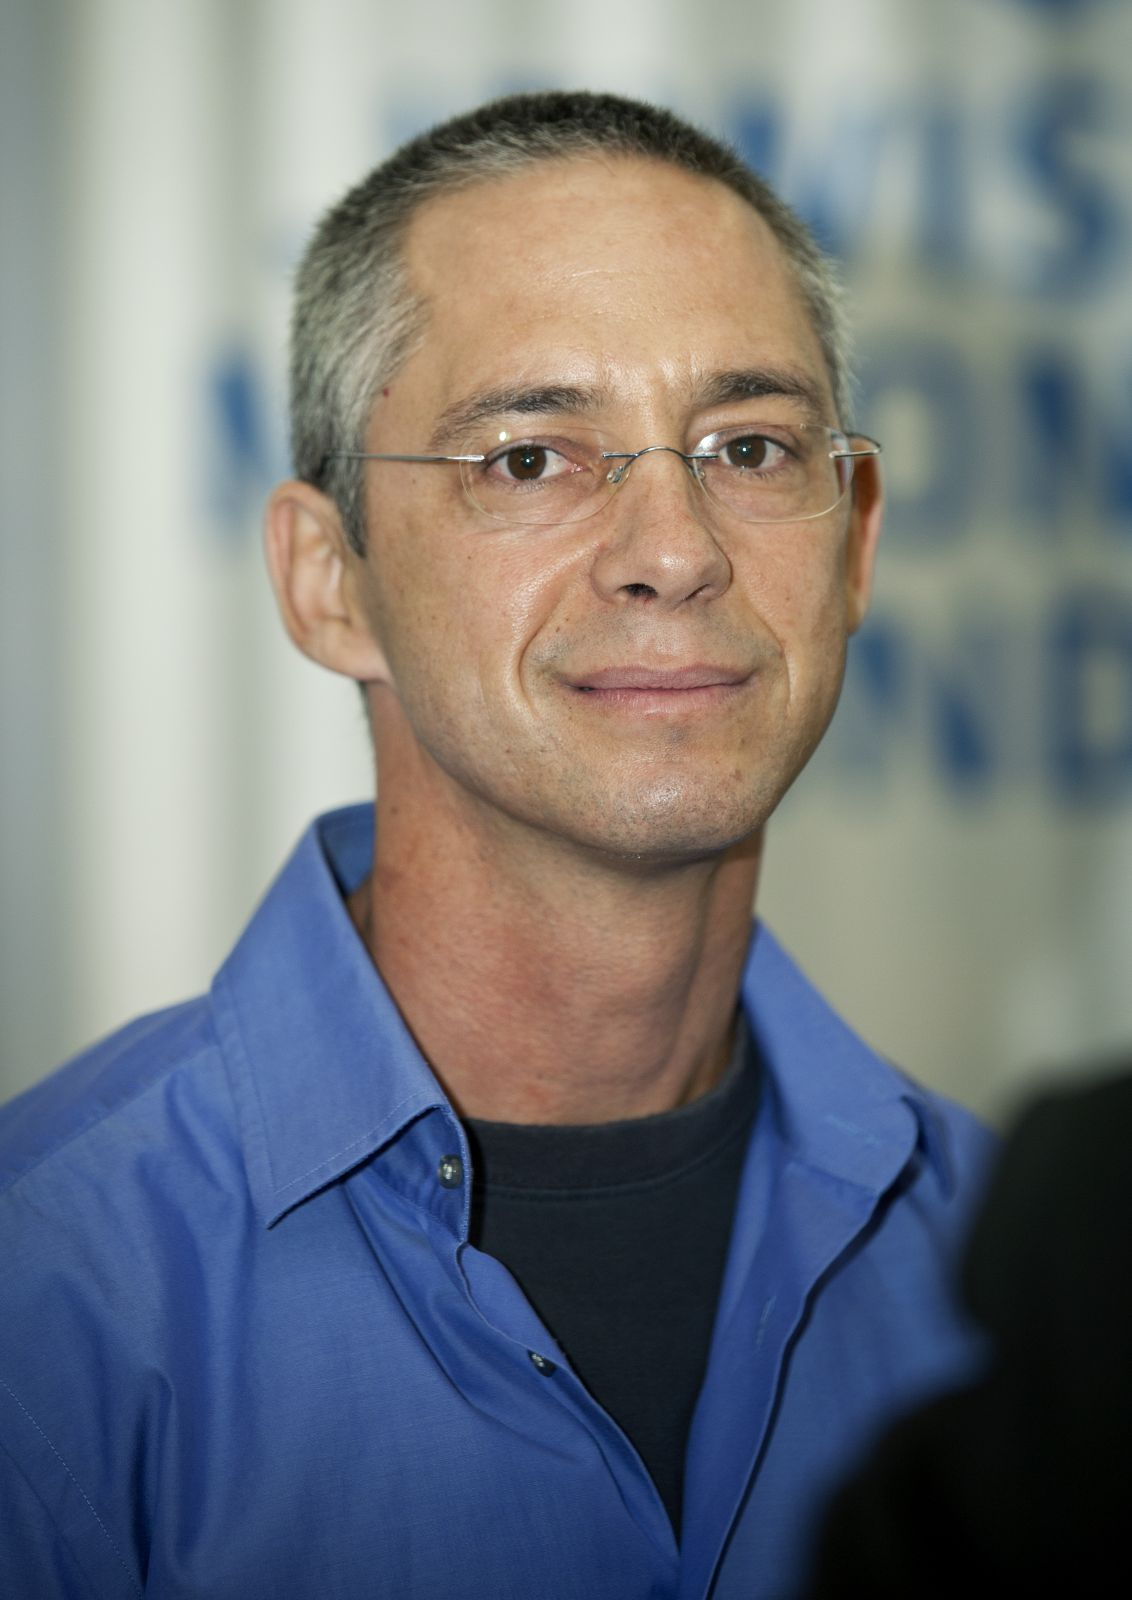 גלעד שרון, 2012 (צילום: משה שי)